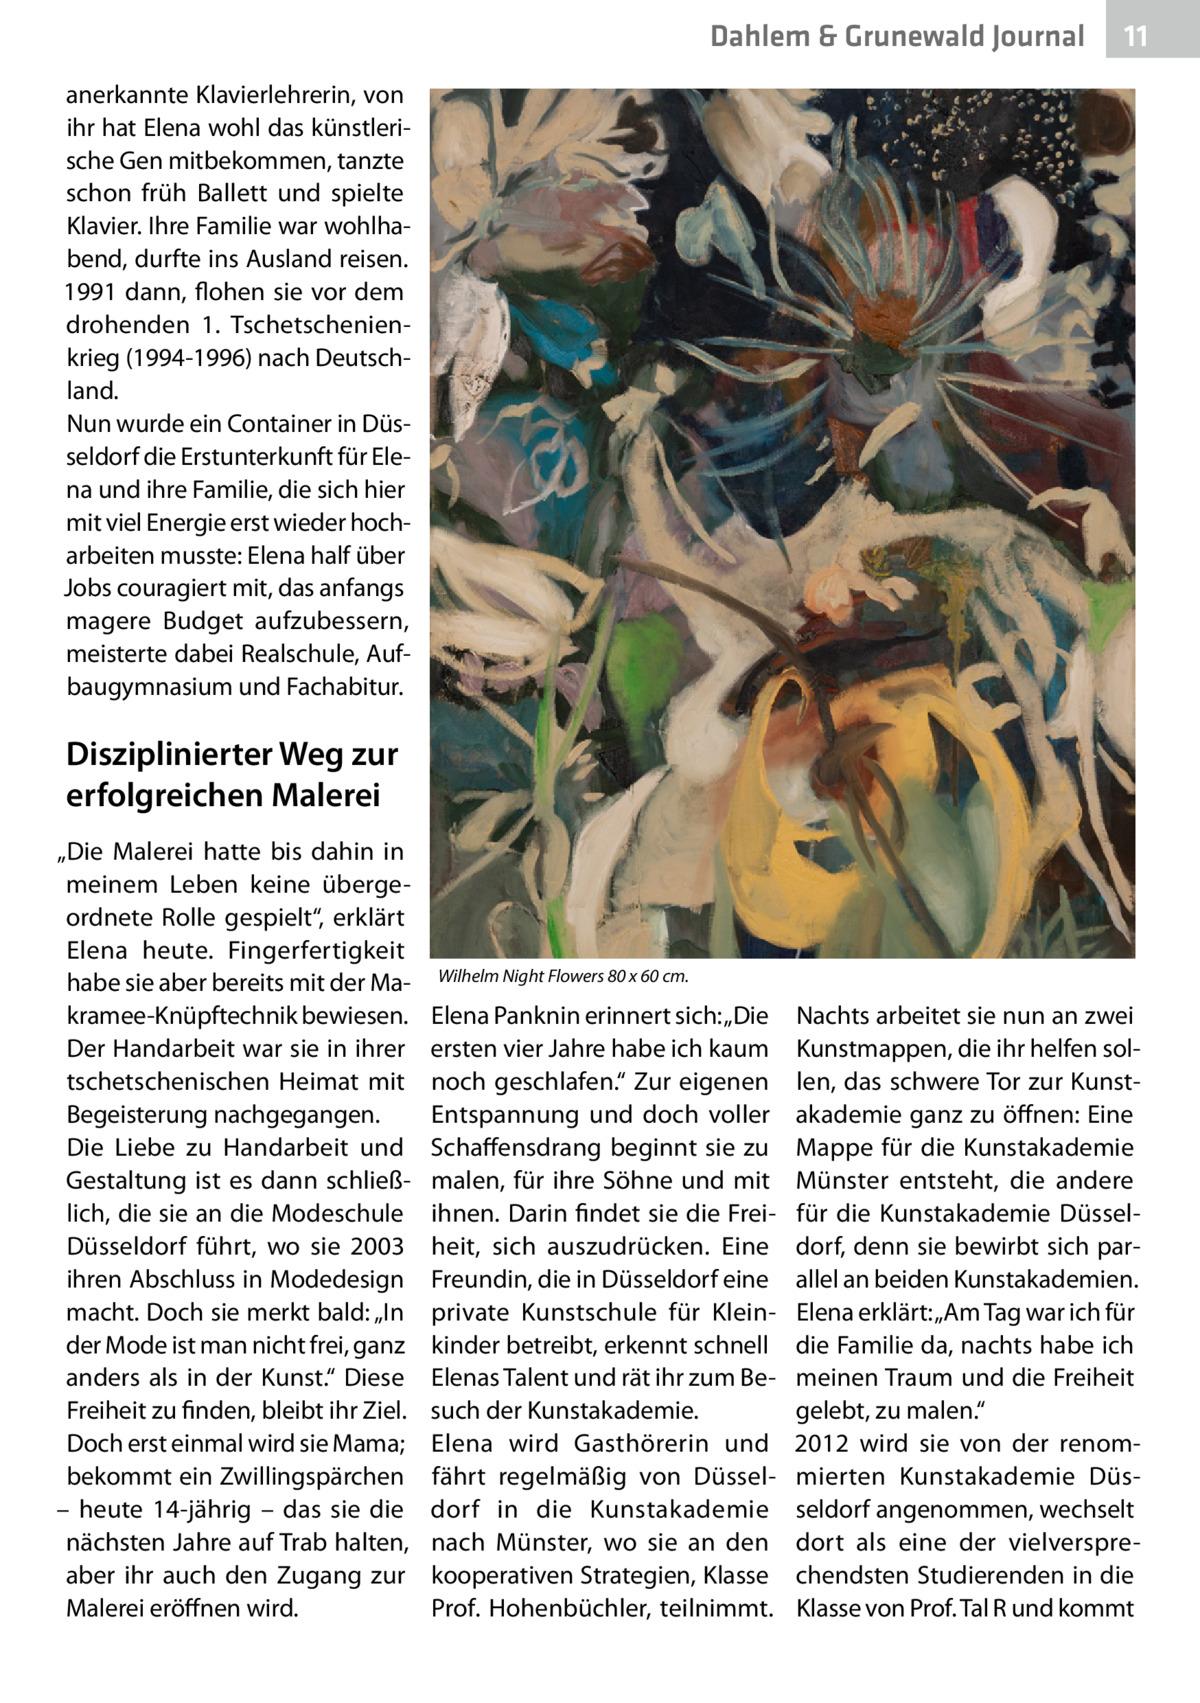 """Dahlem & Grunewald Journal  11 11  anerkannte Klavierlehrerin, von ihr hat Elena wohl das künstlerische Gen mitbekommen, tanzte schon früh Ballett und spielte Klavier. Ihre Familie war wohlhabend, durfte ins Ausland reisen. 1991 dann, flohen sie vor dem drohenden 1. Tschetschenienkrieg (1994-1996) nach Deutschland. Nun wurde ein Container in Düsseldorf die Erstunterkunft für Elena und ihre Familie, die sich hier mit viel Energie erst wieder hocharbeiten musste: Elena half über Jobs couragiert mit, das anfangs magere Budget aufzubessern, meisterte dabei Realschule, Aufbaugymnasium und Fachabitur.  Disziplinierter Weg zur erfolgreichen Malerei """"Die Malerei hatte bis dahin in meinem Leben keine übergeordnete Rolle gespielt"""", erklärt Elena heute. Fingerfertigkeit habe sie aber bereits mit der Makramee-Knüpftechnik bewiesen. Der Handarbeit war sie in ihrer tschetschenischen Heimat mit Begeisterung nachgegangen. Die Liebe zu Handarbeit und Gestaltung ist es dann schließlich, die sie an die Modeschule Düsseldorf führt, wo sie 2003 ihren Abschluss in Modedesign macht. Doch sie merkt bald: """"In der Mode ist man nicht frei, ganz anders als in der Kunst."""" Diese Freiheit zu finden, bleibt ihr Ziel. Doch erst einmal wird sie Mama; bekommt ein Zwillingspärchen – heute 14-jährig – das sie die nächsten Jahre auf Trab halten, aber ihr auch den Zugang zur Malerei eröffnen wird.  Wilhelm Night Flowers 80 x 60cm.  Elena Panknin erinnert sich: """"Die ersten vier Jahre habe ich kaum noch geschlafen."""" Zur eigenen Entspannung und doch voller Schaffensdrang beginnt sie zu malen, für ihre Söhne und mit ihnen. Darin findet sie die Freiheit, sich auszudrücken. Eine Freundin, die in Düsseldorf eine private Kunstschule für Kleinkinder betreibt, erkennt schnell Elenas Talent und rät ihr zum Besuch der Kunstakademie. Elena wird Gasthörerin und fährt regelmäßig von Düsseldorf in die Kunstakademie nach Münster, wo sie an den kooperativen Strategien, Klasse Prof. Hohenbüchler, teilnimmt.  Nachts arbeite"""